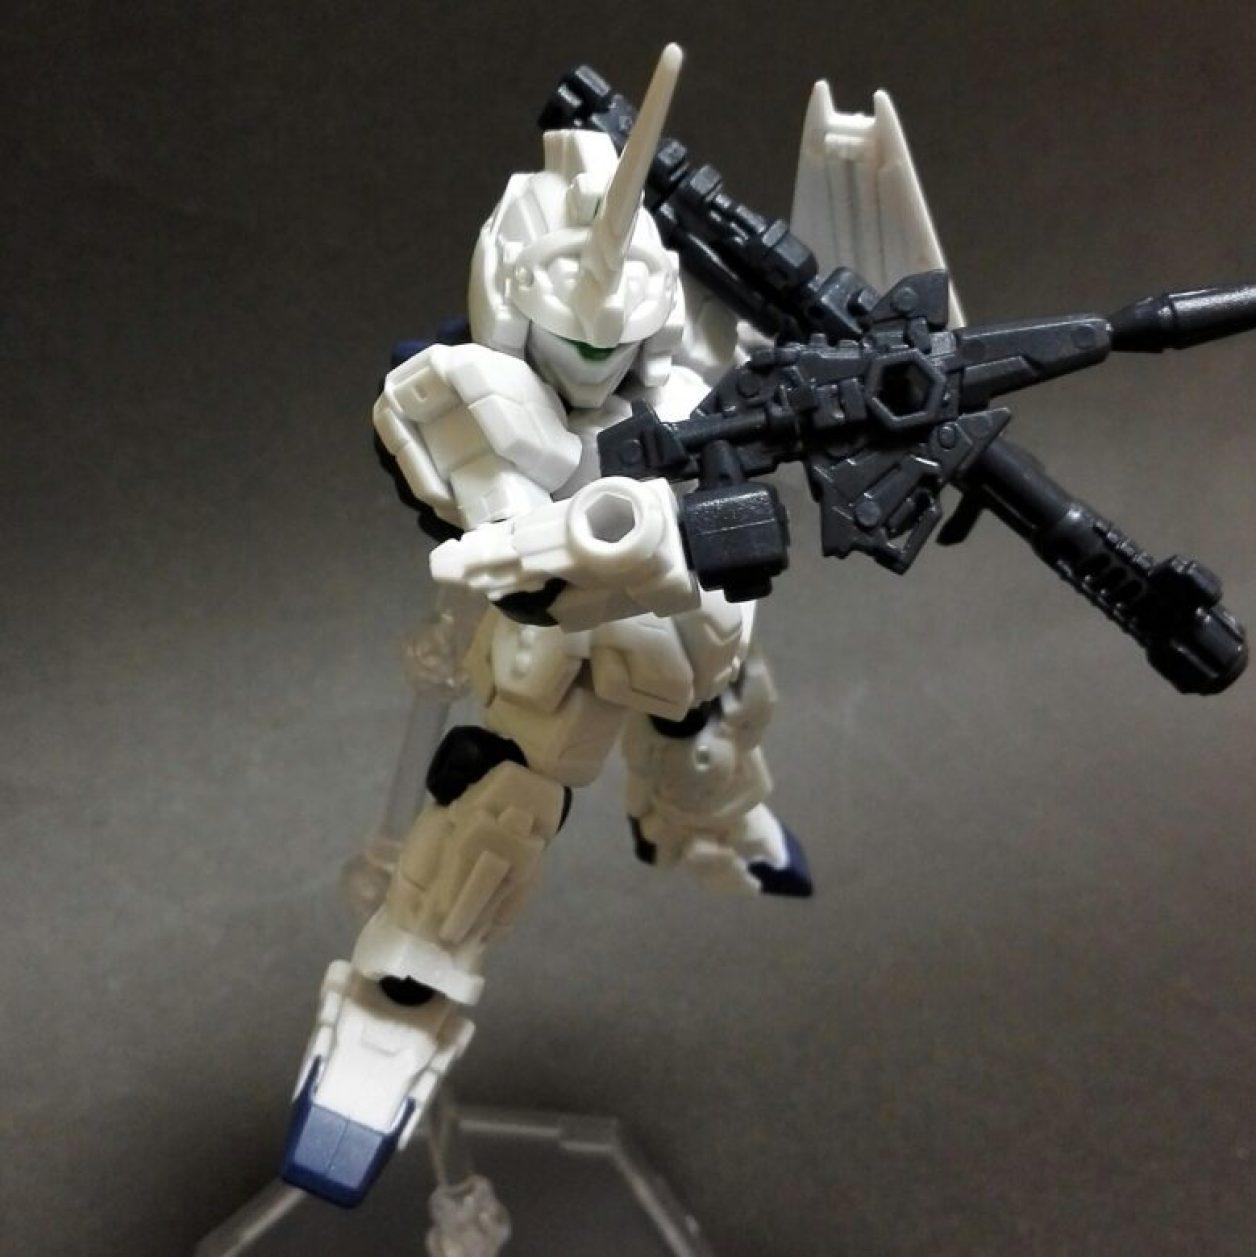 MOBILE SUIT ENSEMBLE(モビルスーツアンサンブル)第10弾のユニコーンガンダム(ユニコーンモード)にビーム・マグナムとMS武器セットのハイパー・バズーカを装備させた画像